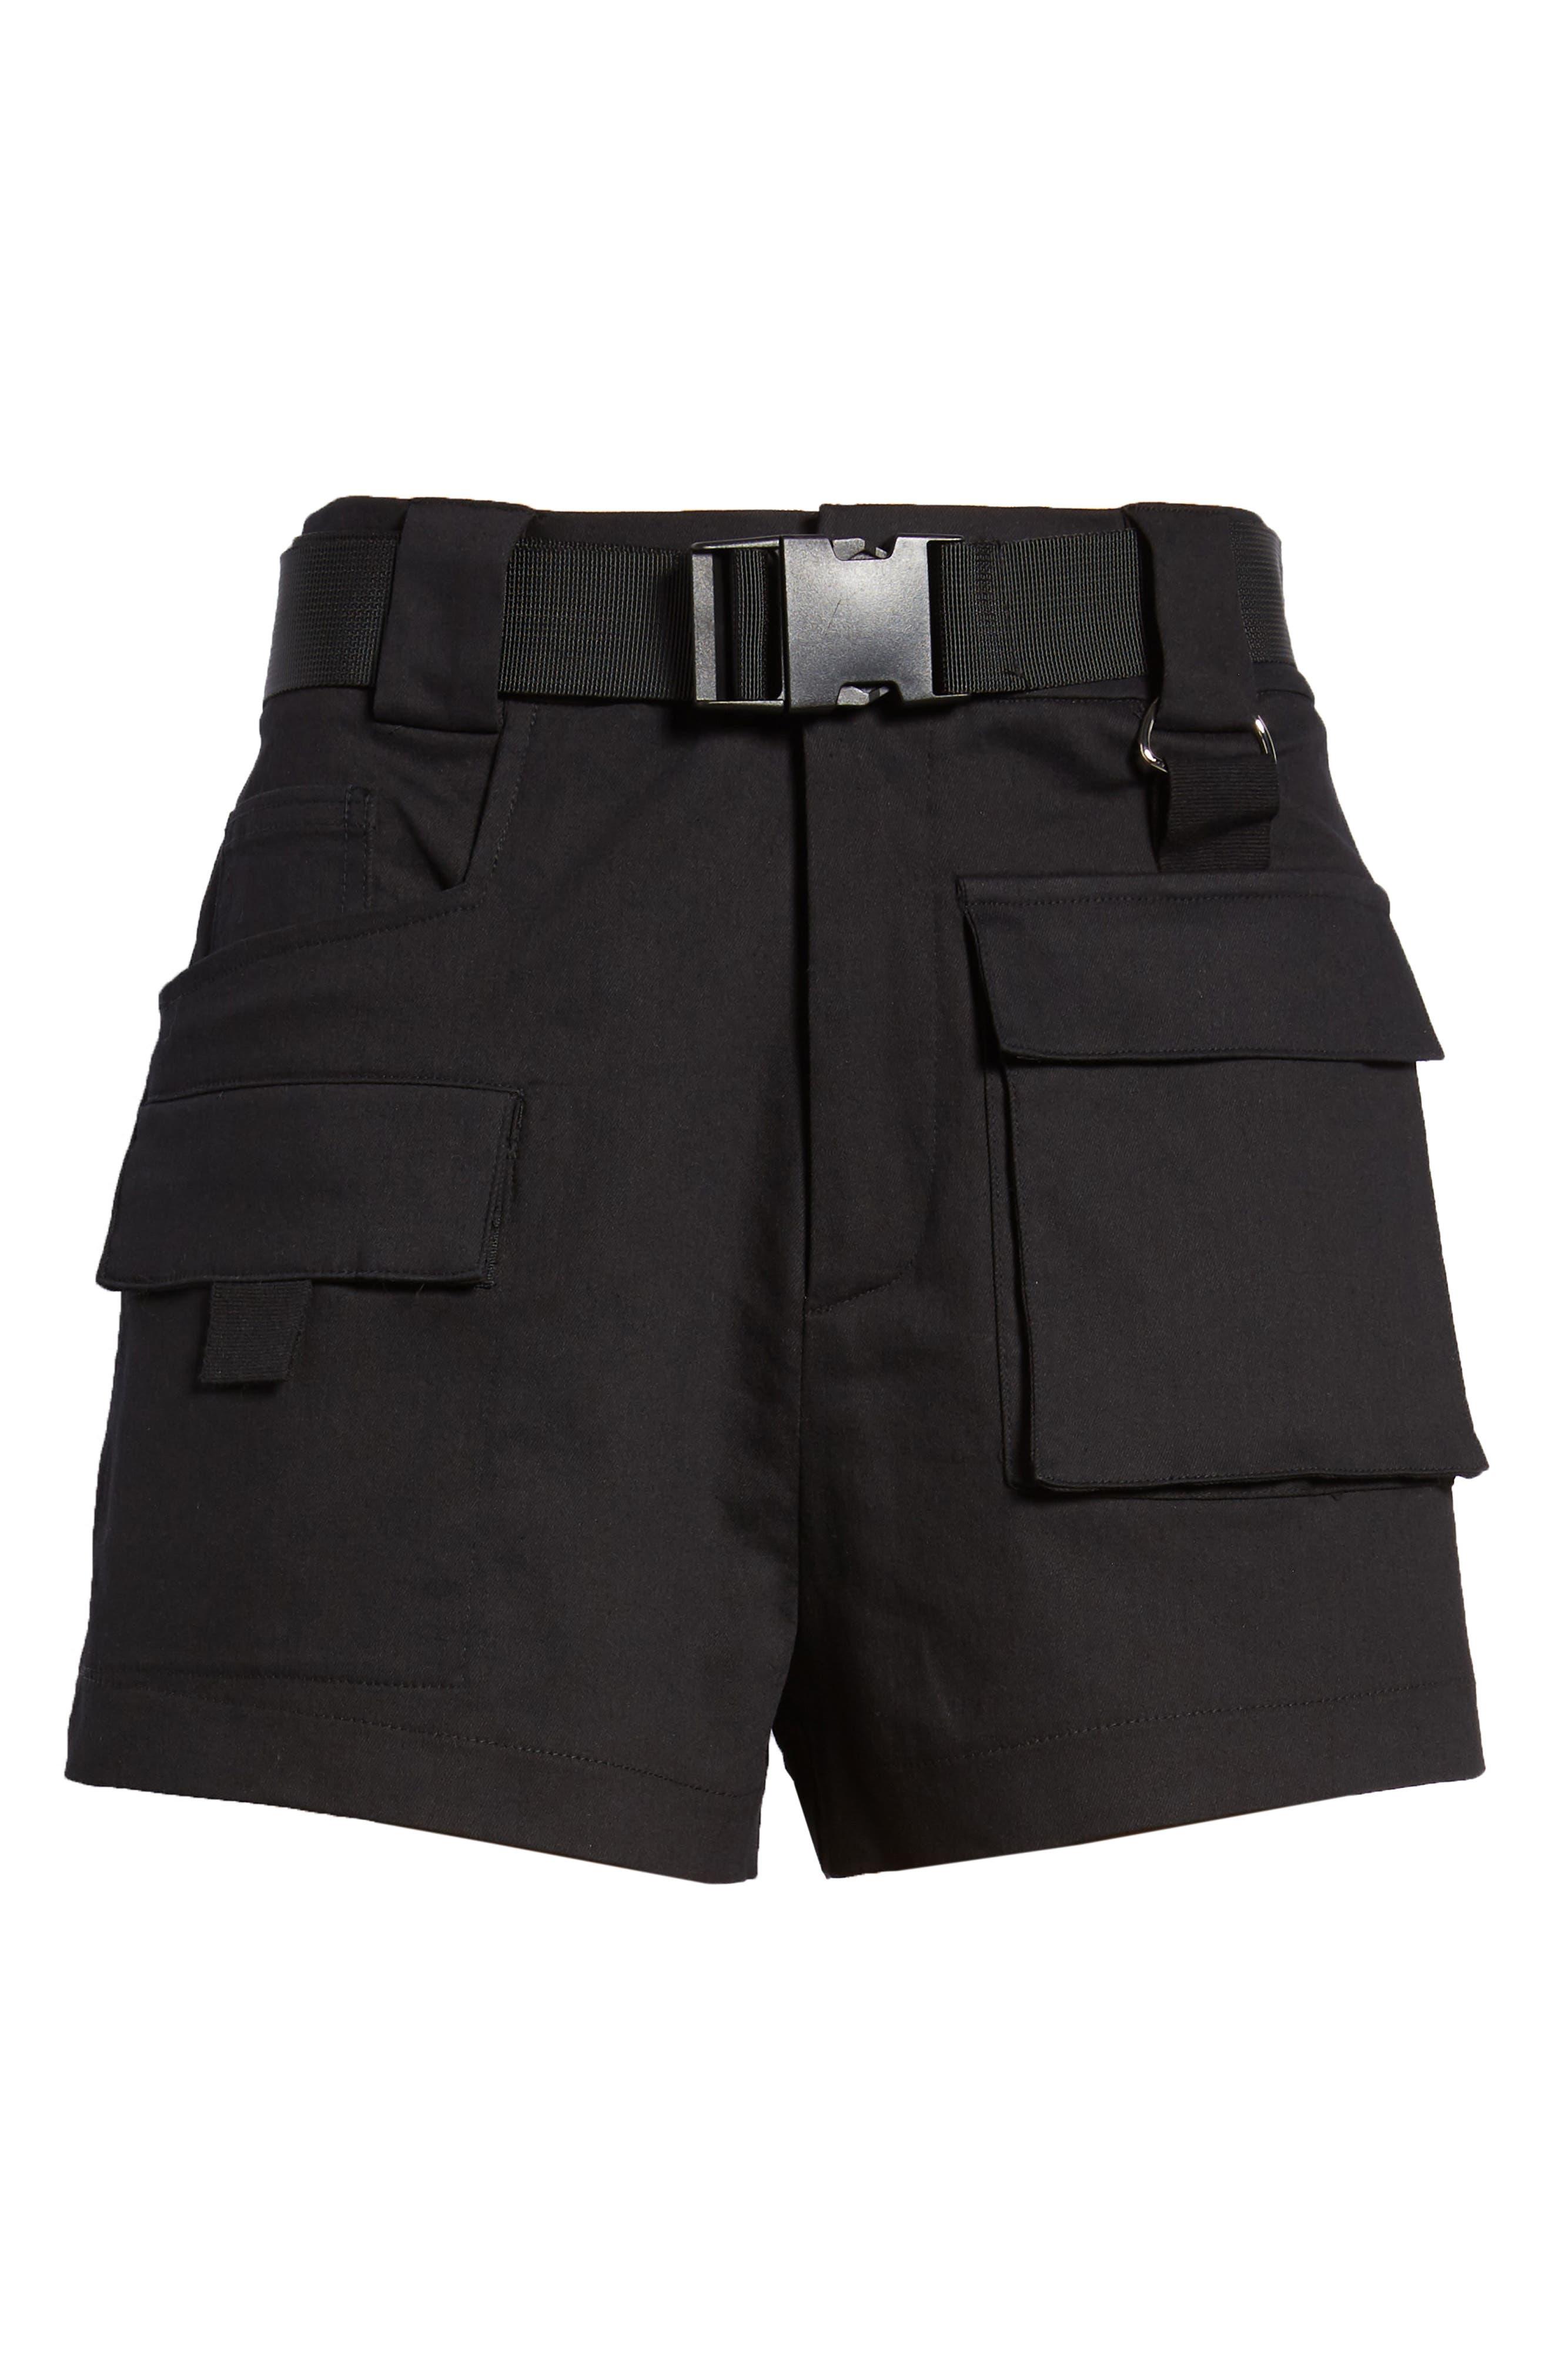 Harper Shorts,                             Alternate thumbnail 6, color,                             BLACK